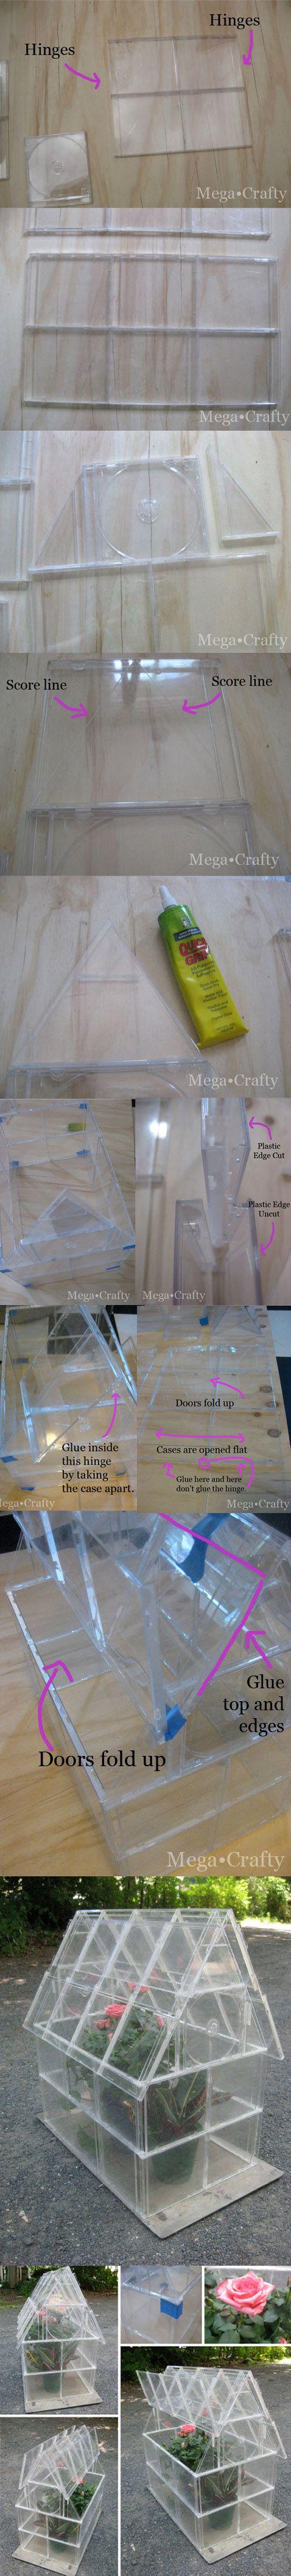 Pequeño invernadero con cajas de CD / http://www.megacrafty.com/